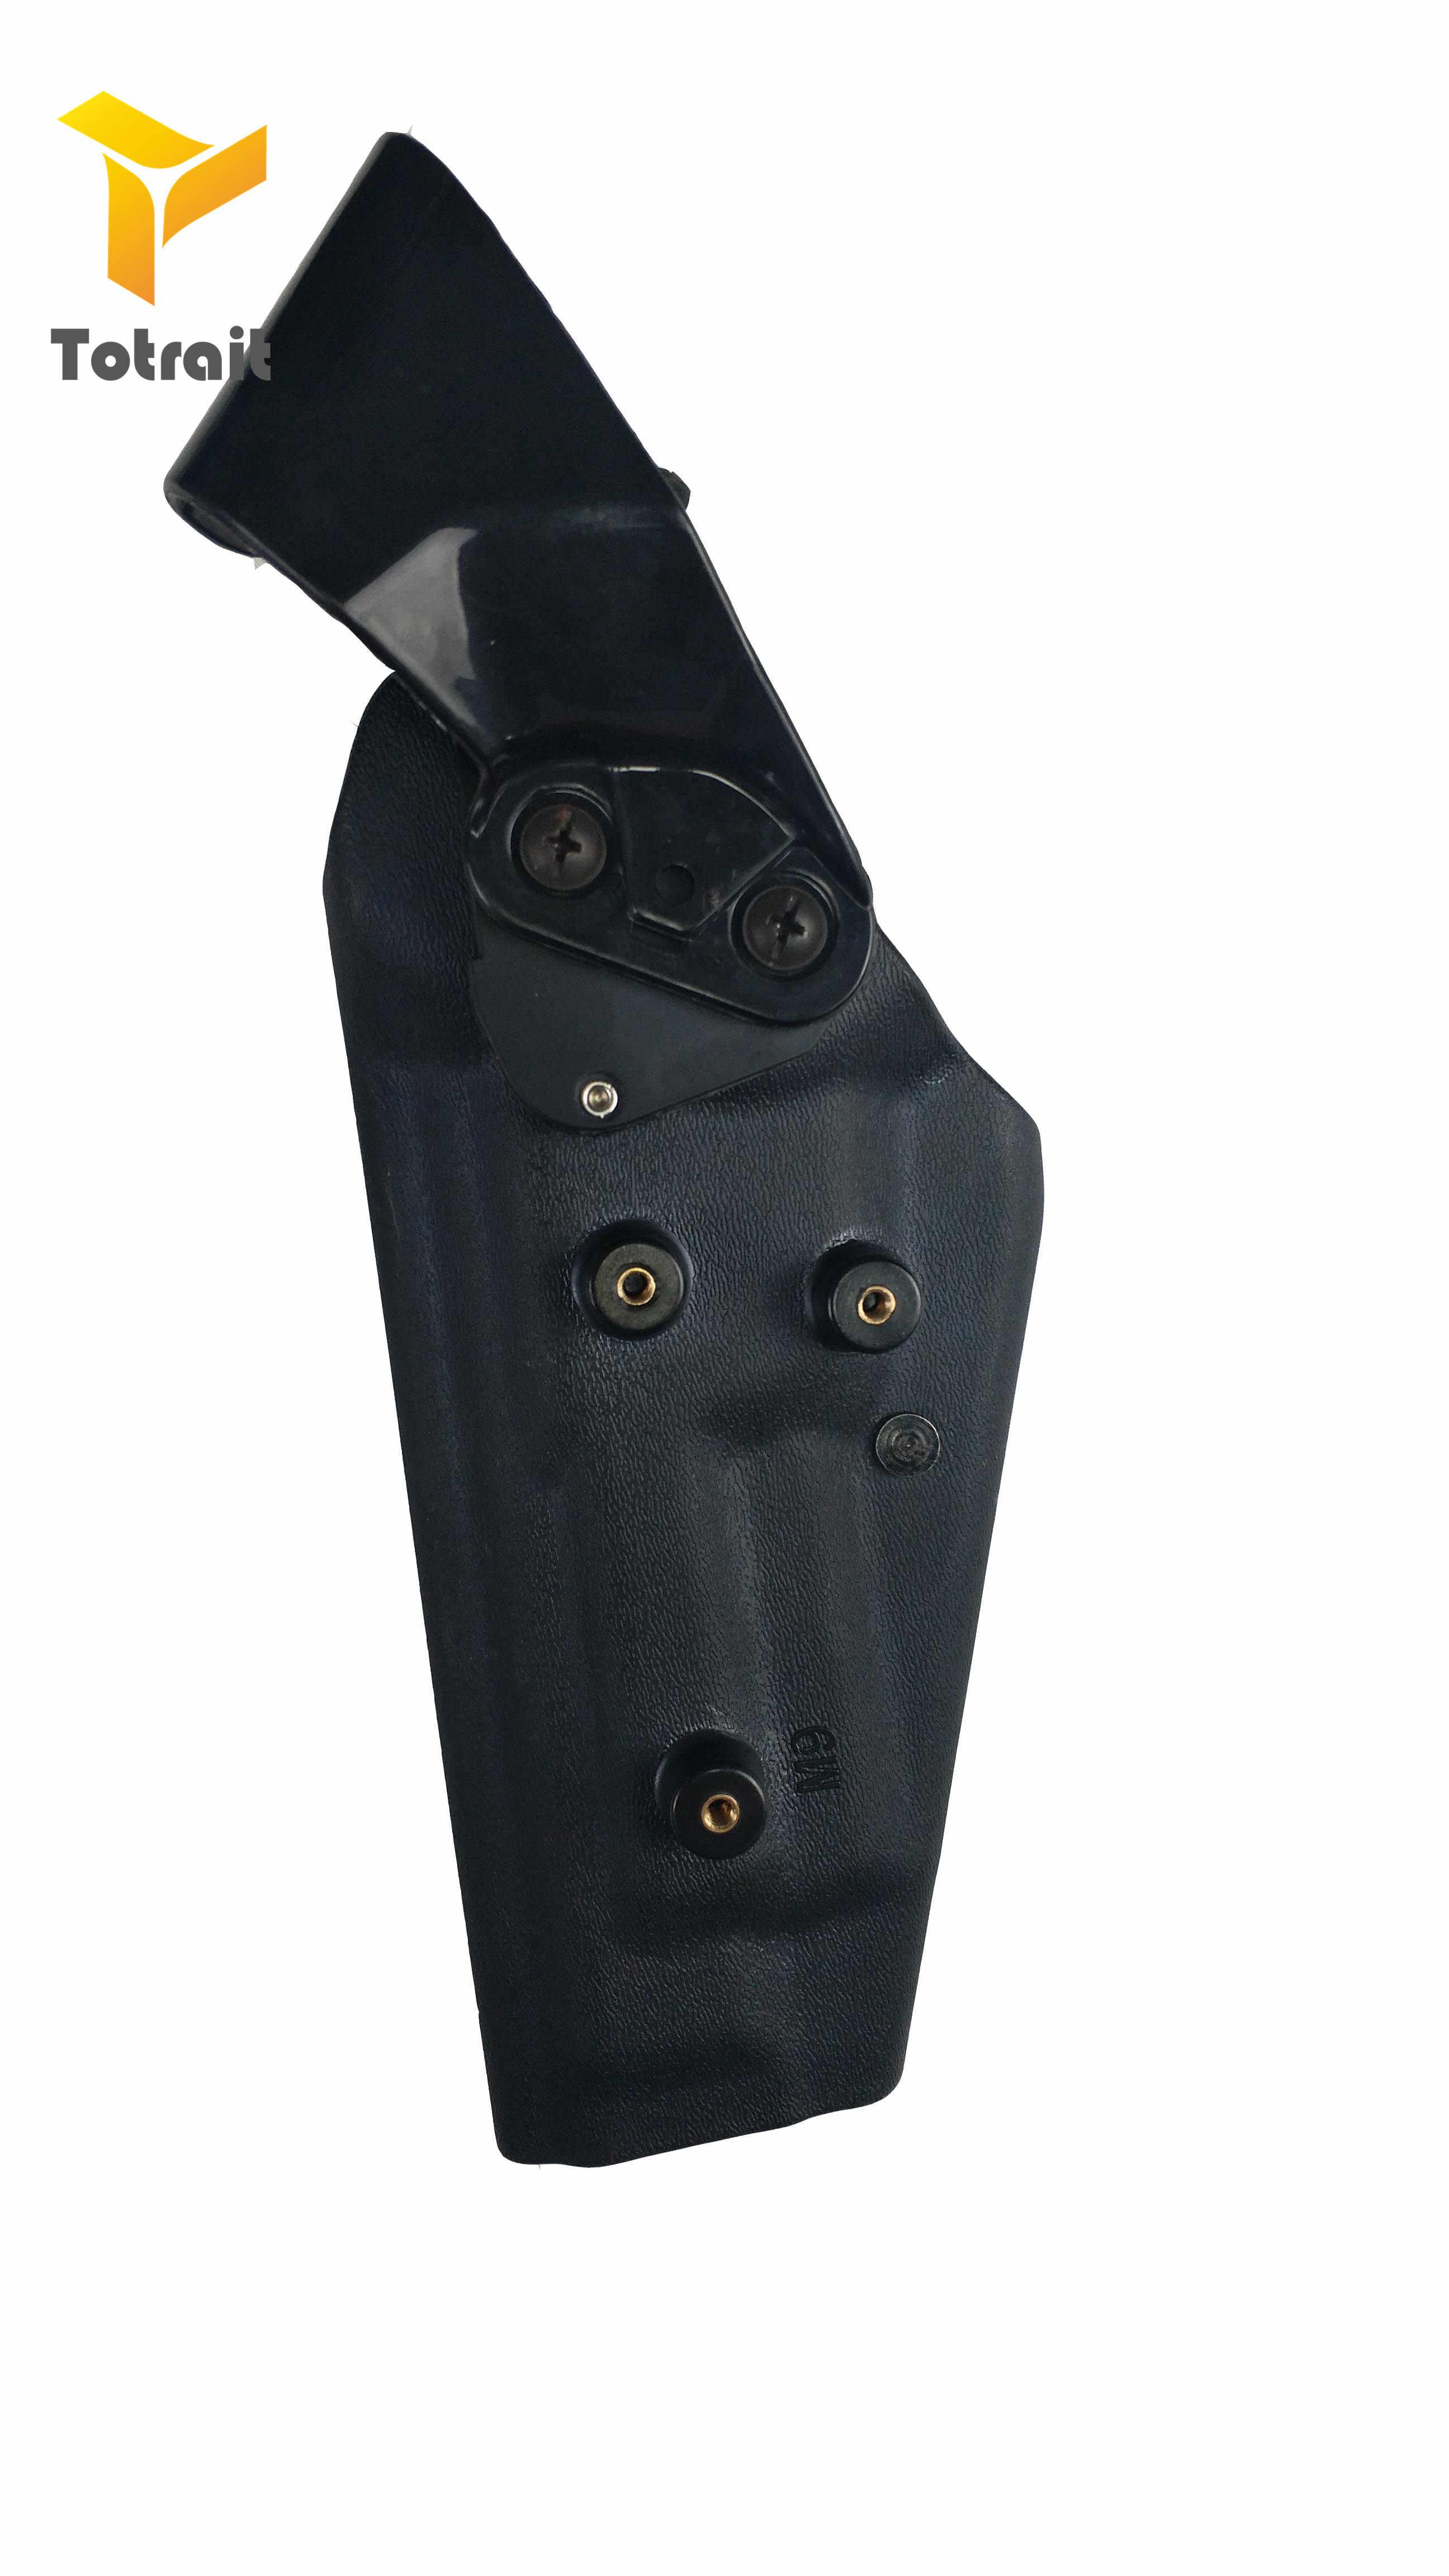 حزام من مادة البولي يوريثان التكتيكية من Safariland حزام الحافظة Gl0ck مسدس الخصر الحافظة بيريتا M9 مسدس مسدس الادسنس